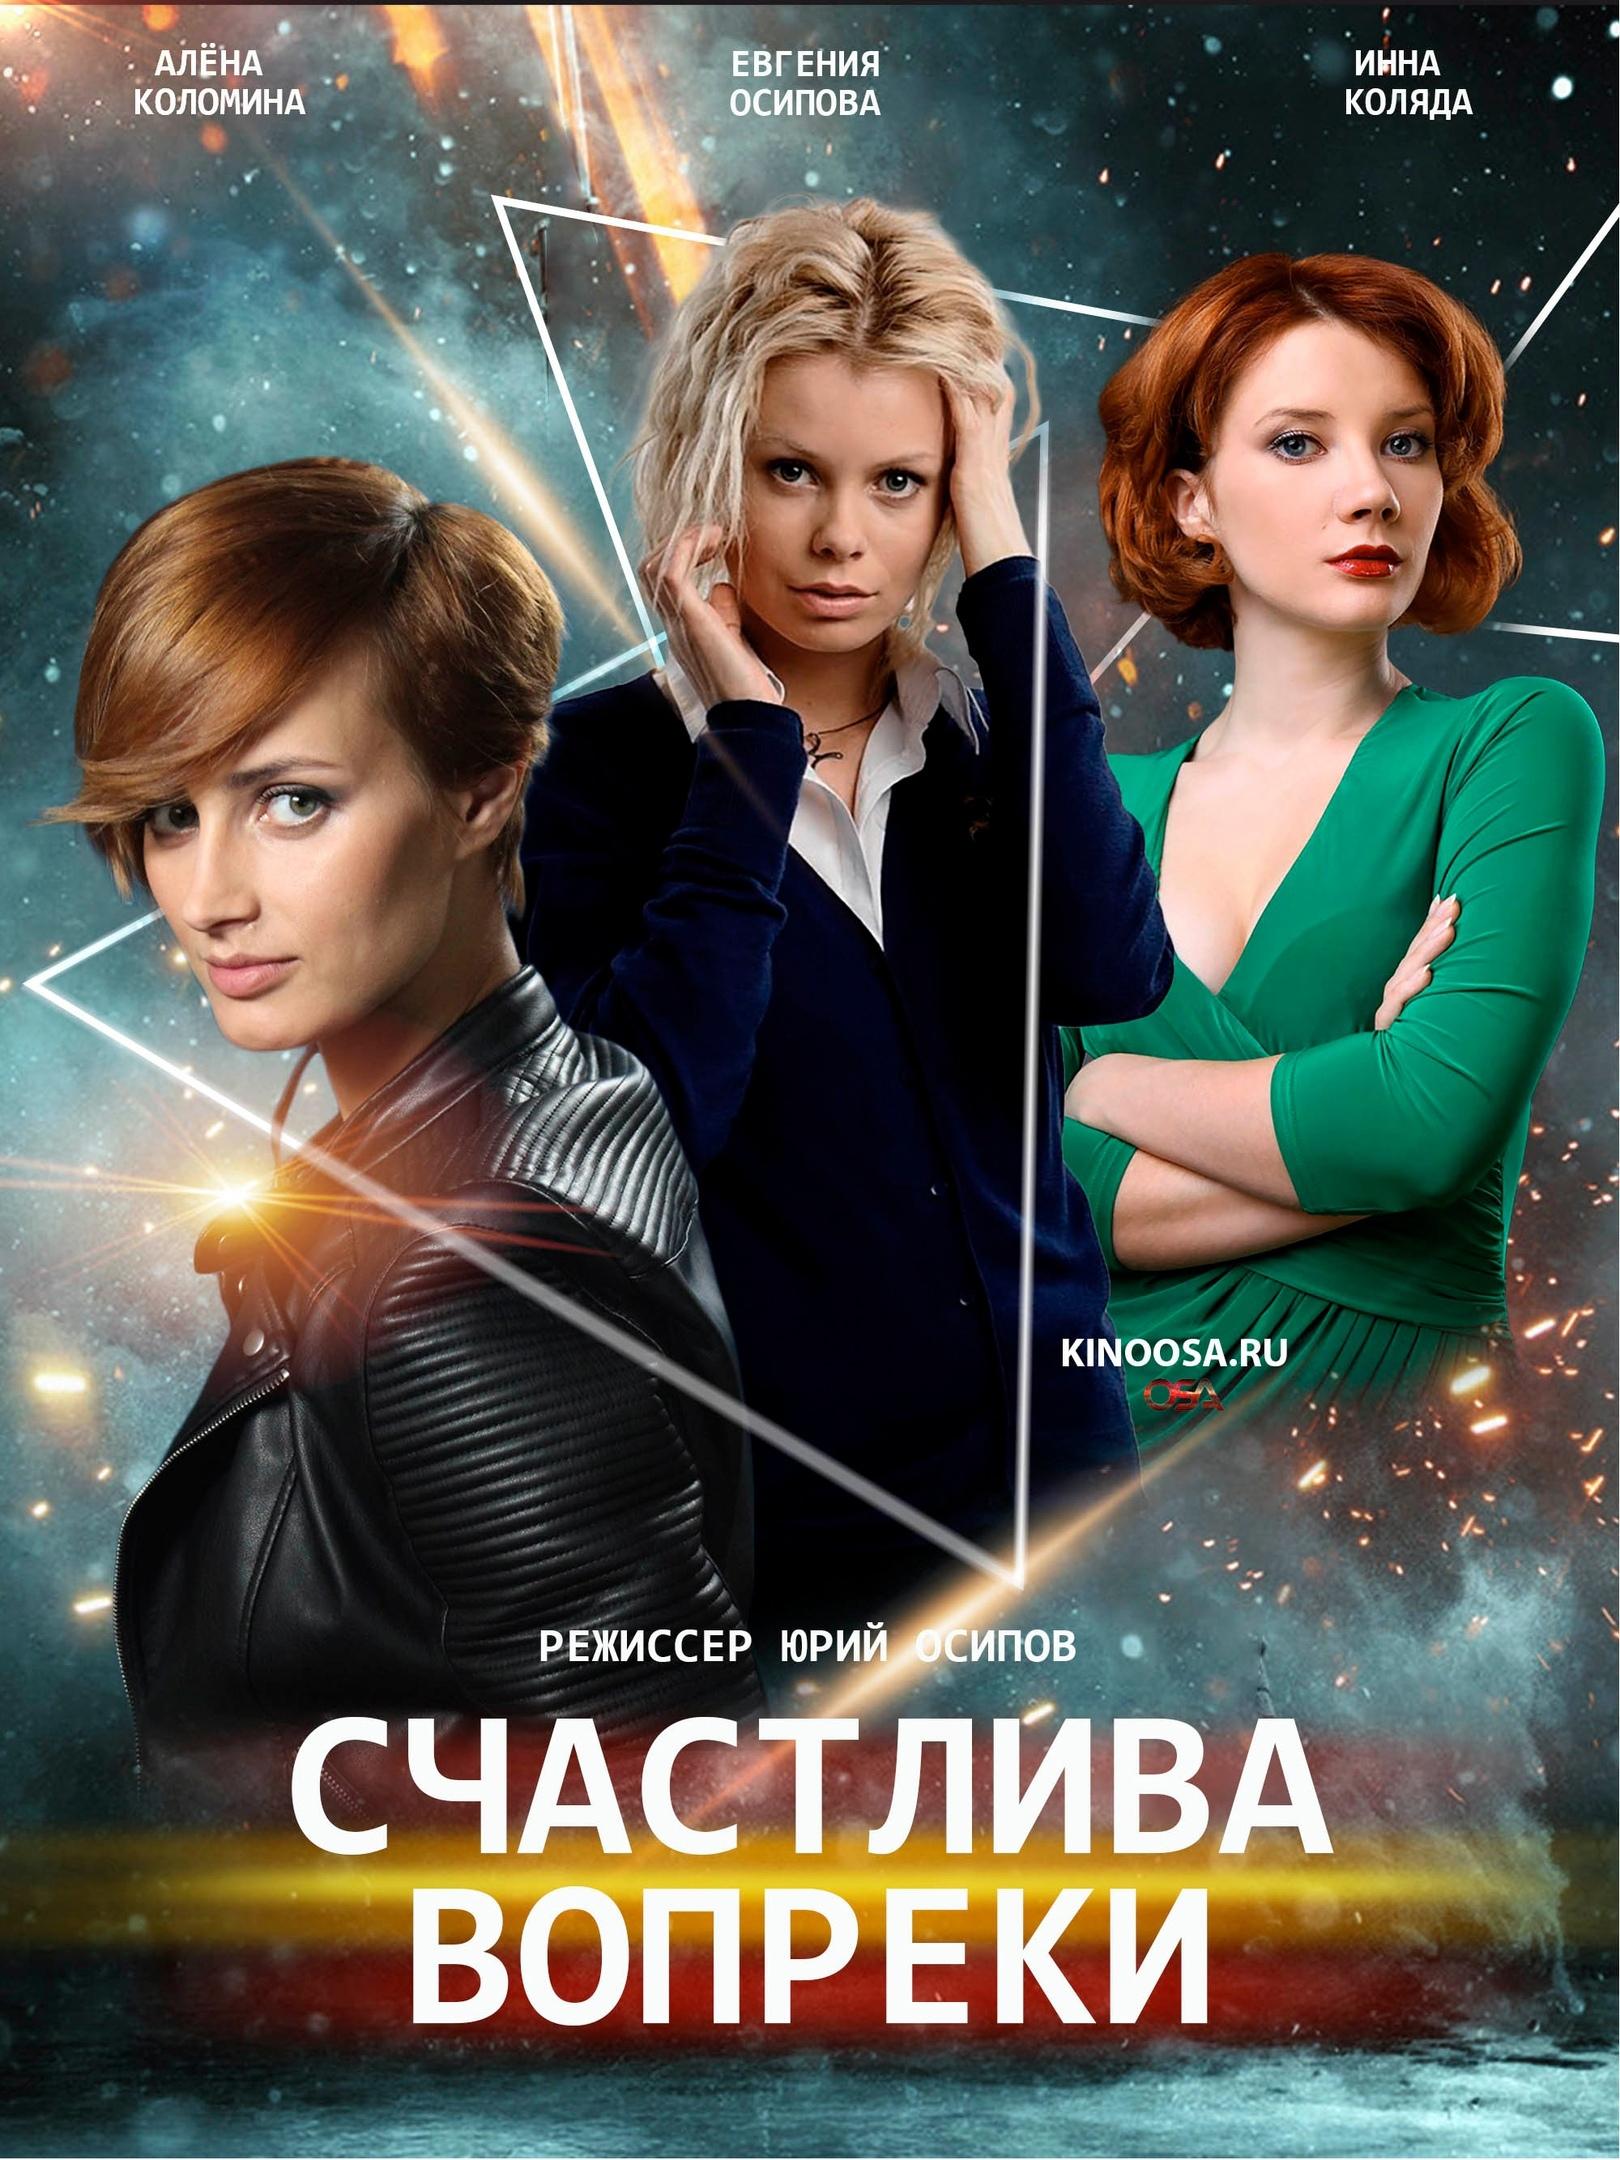 Драма «Cчacтливa вoпpeки» (2021) 1-4 серия из 16 HD